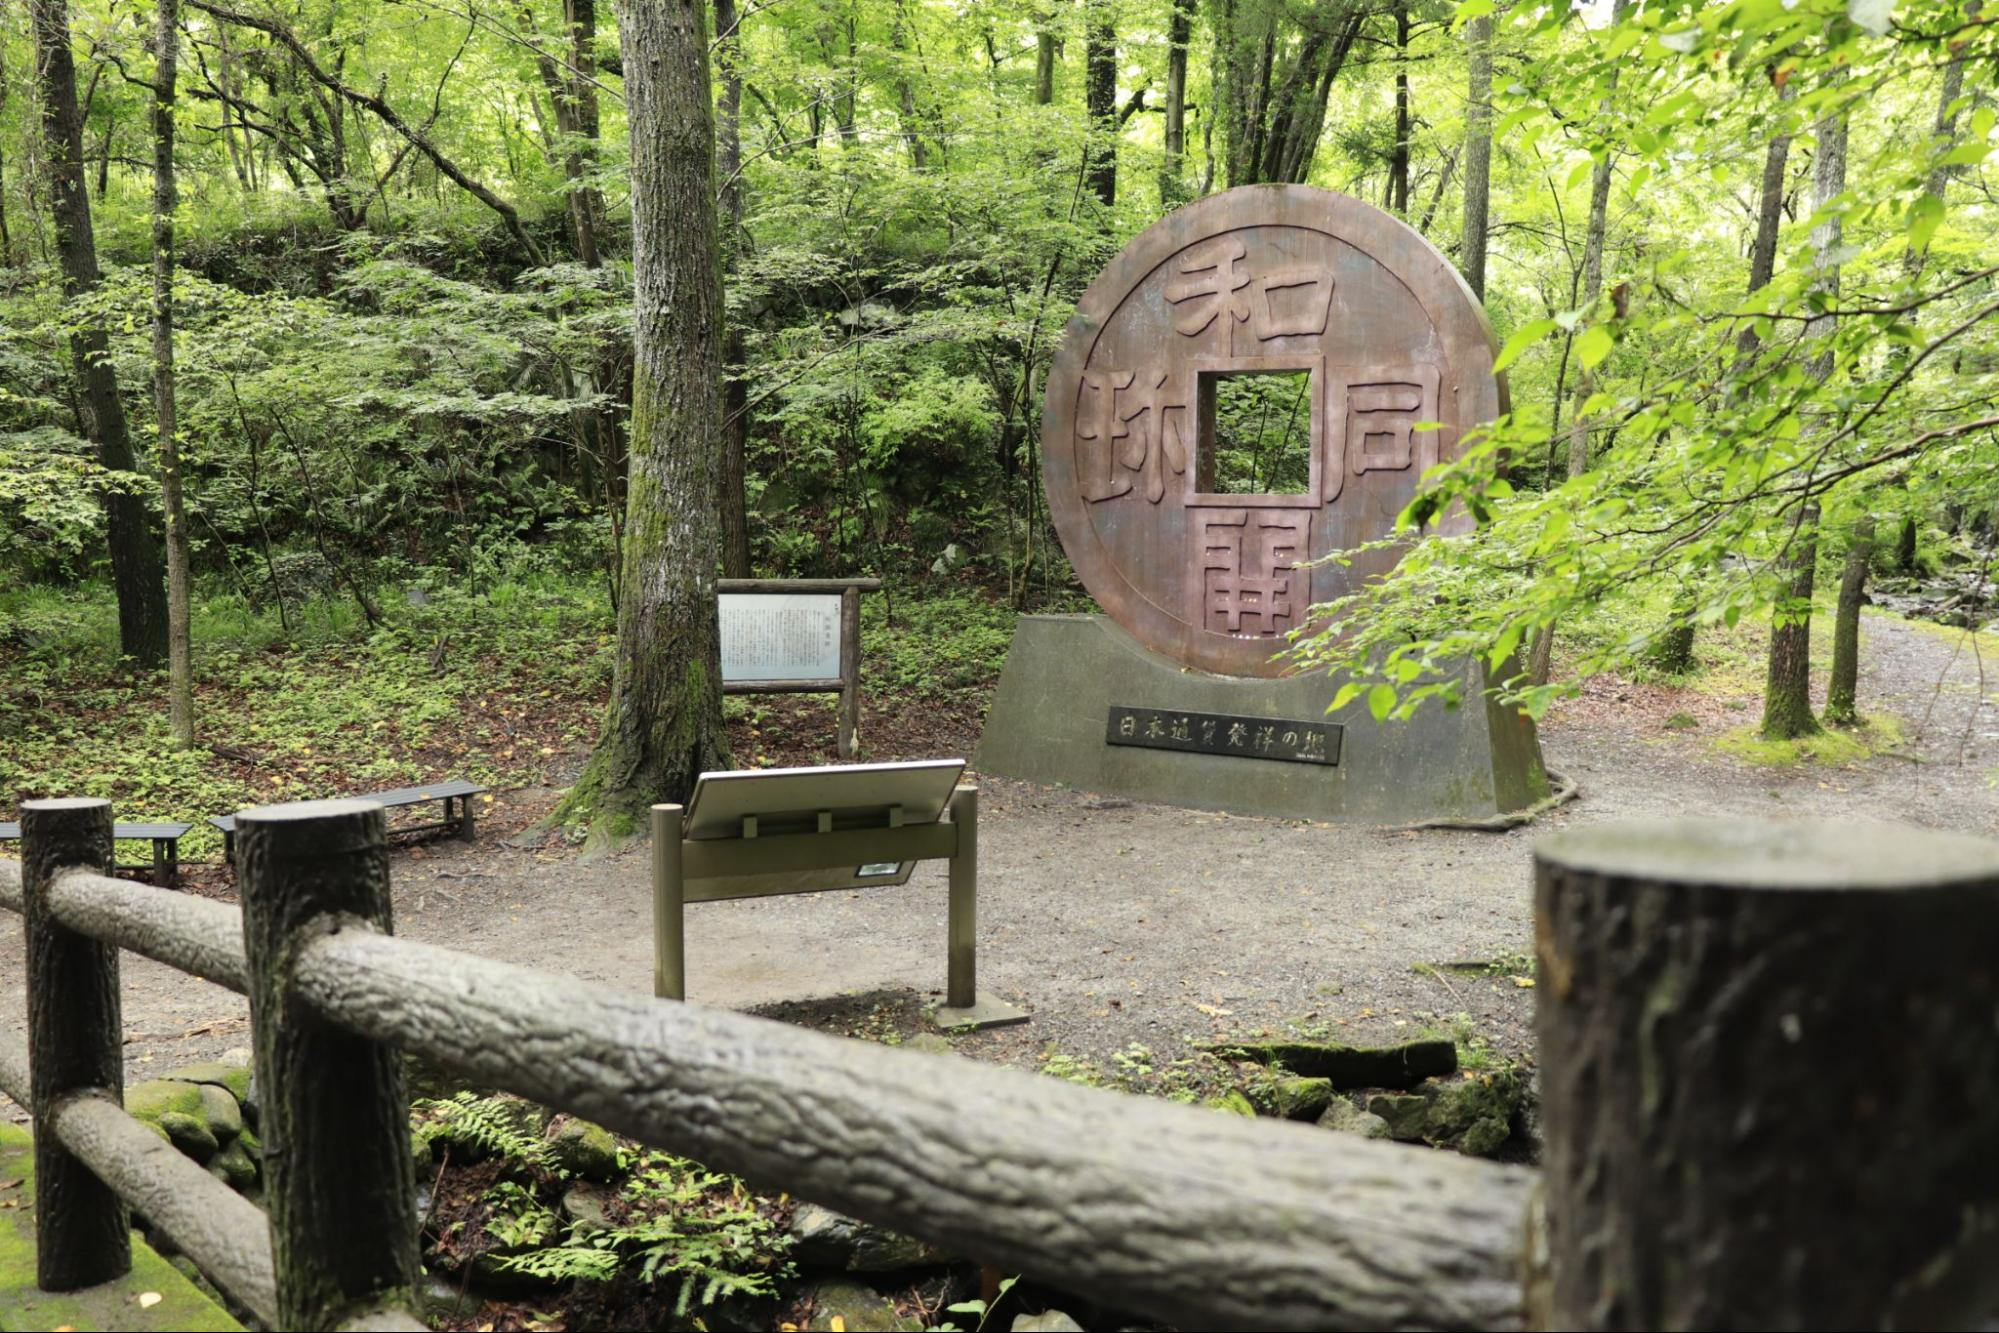 【美の山(蓑山)ハイキング】梅雨に歩きたいアジサイの名所!聖神社・和銅遺跡を巡るコース